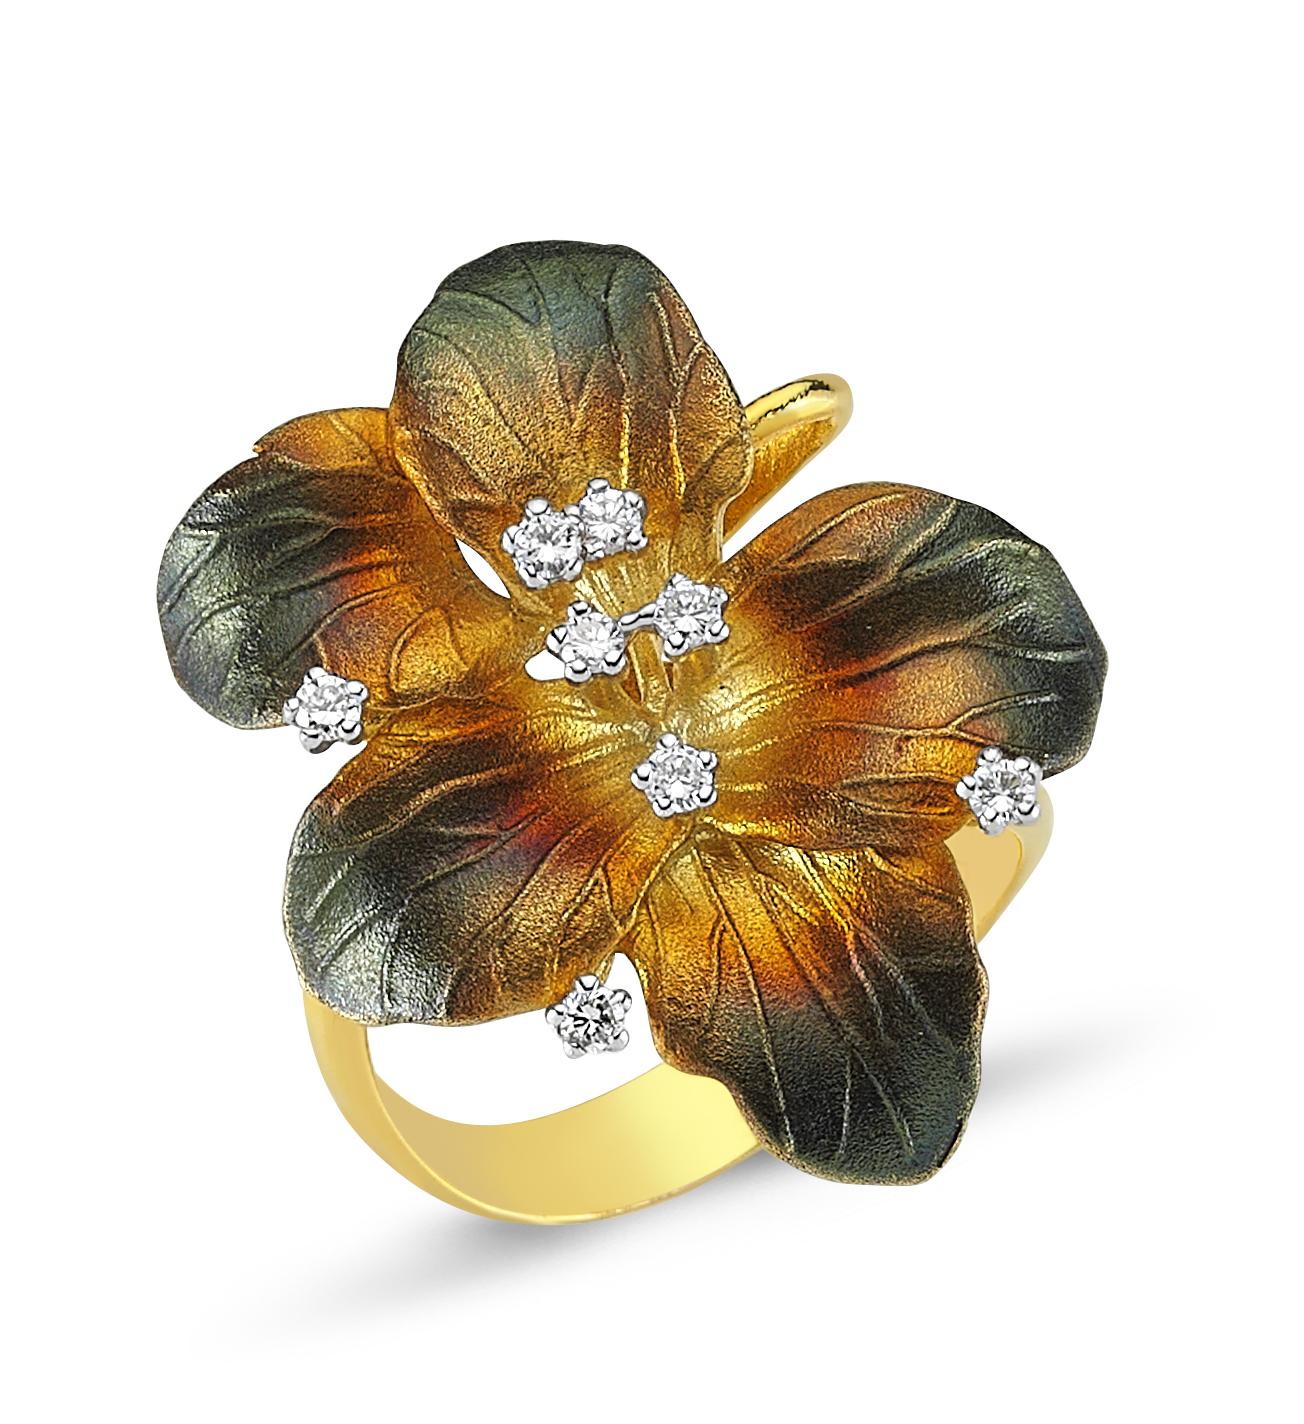 Çiçek Motifli Pırlanta Yüzük - 6002649